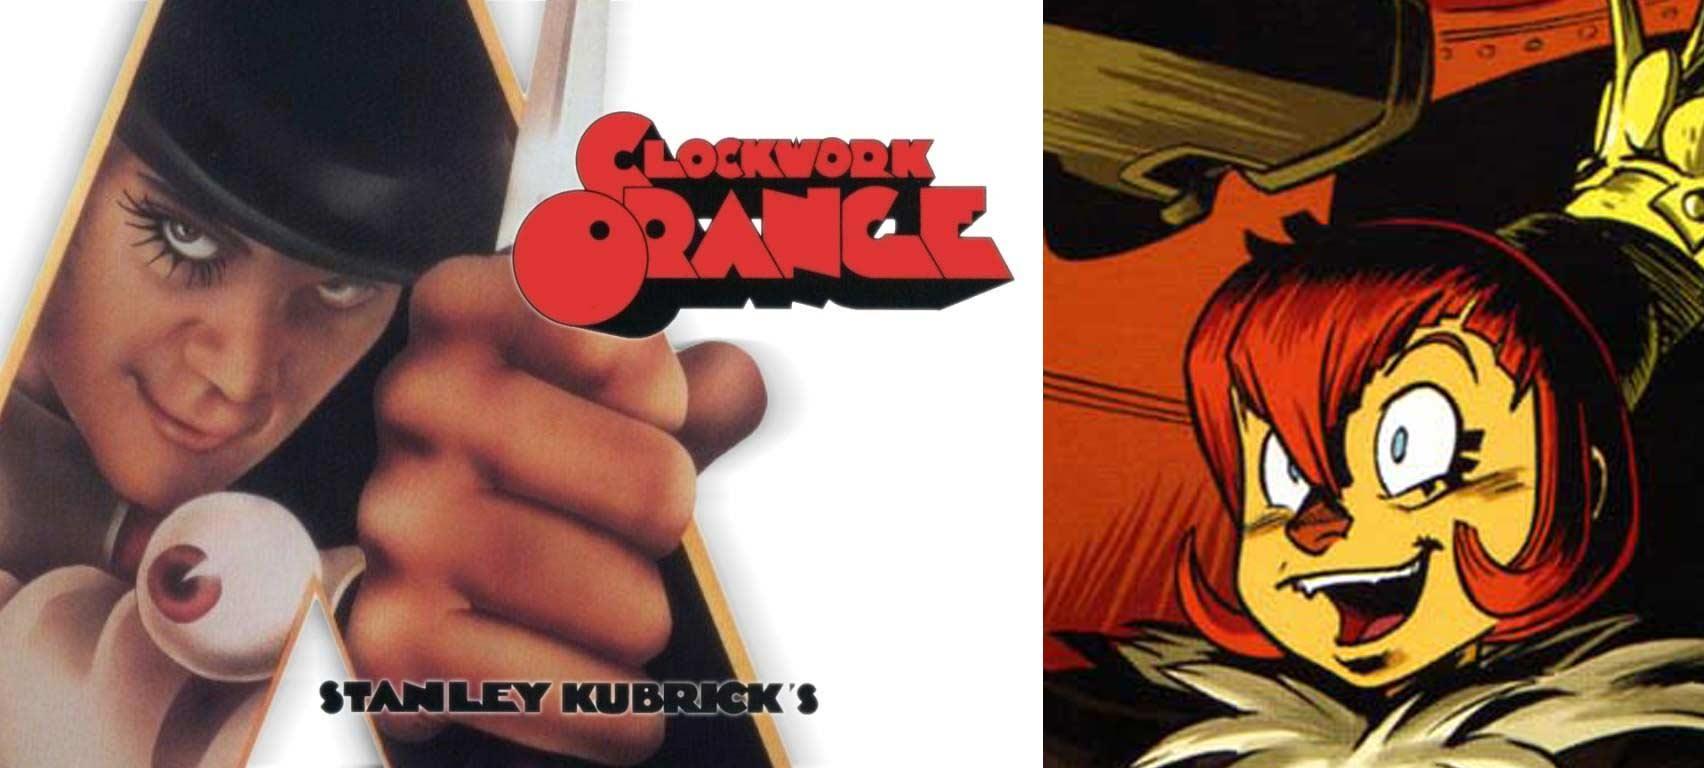 Shak Shaka fait référence au film Orange Mécanique